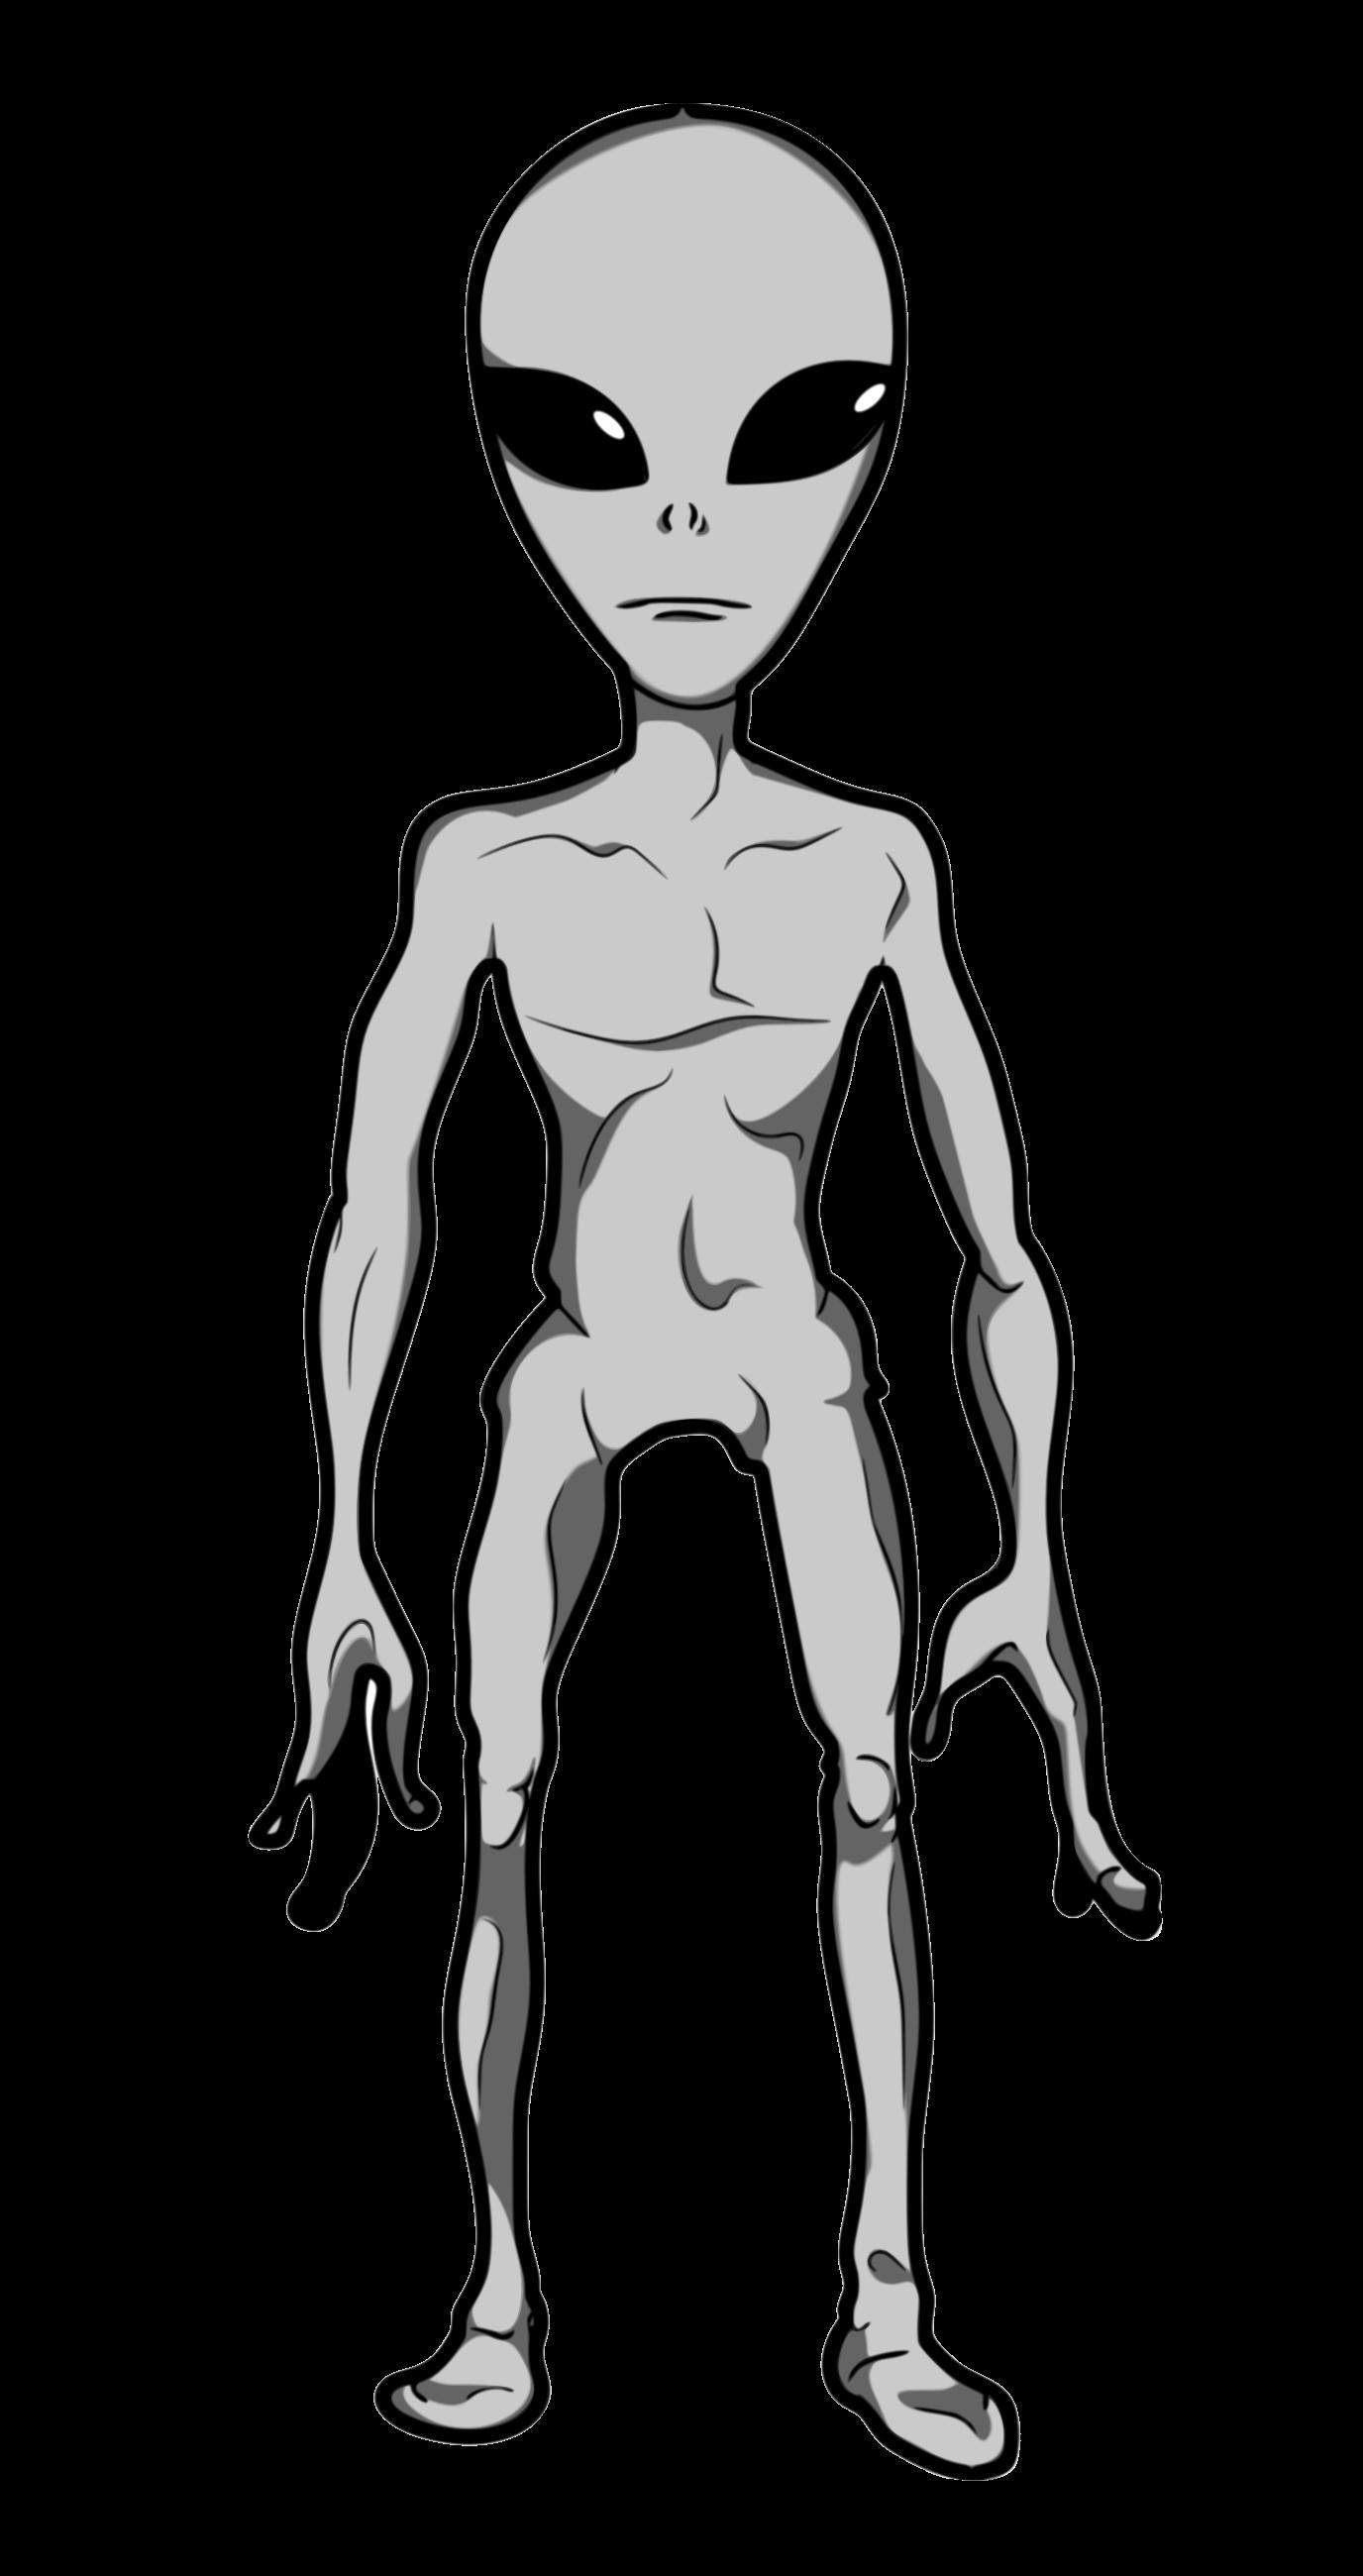 Sci Fi clipart grey alien #1